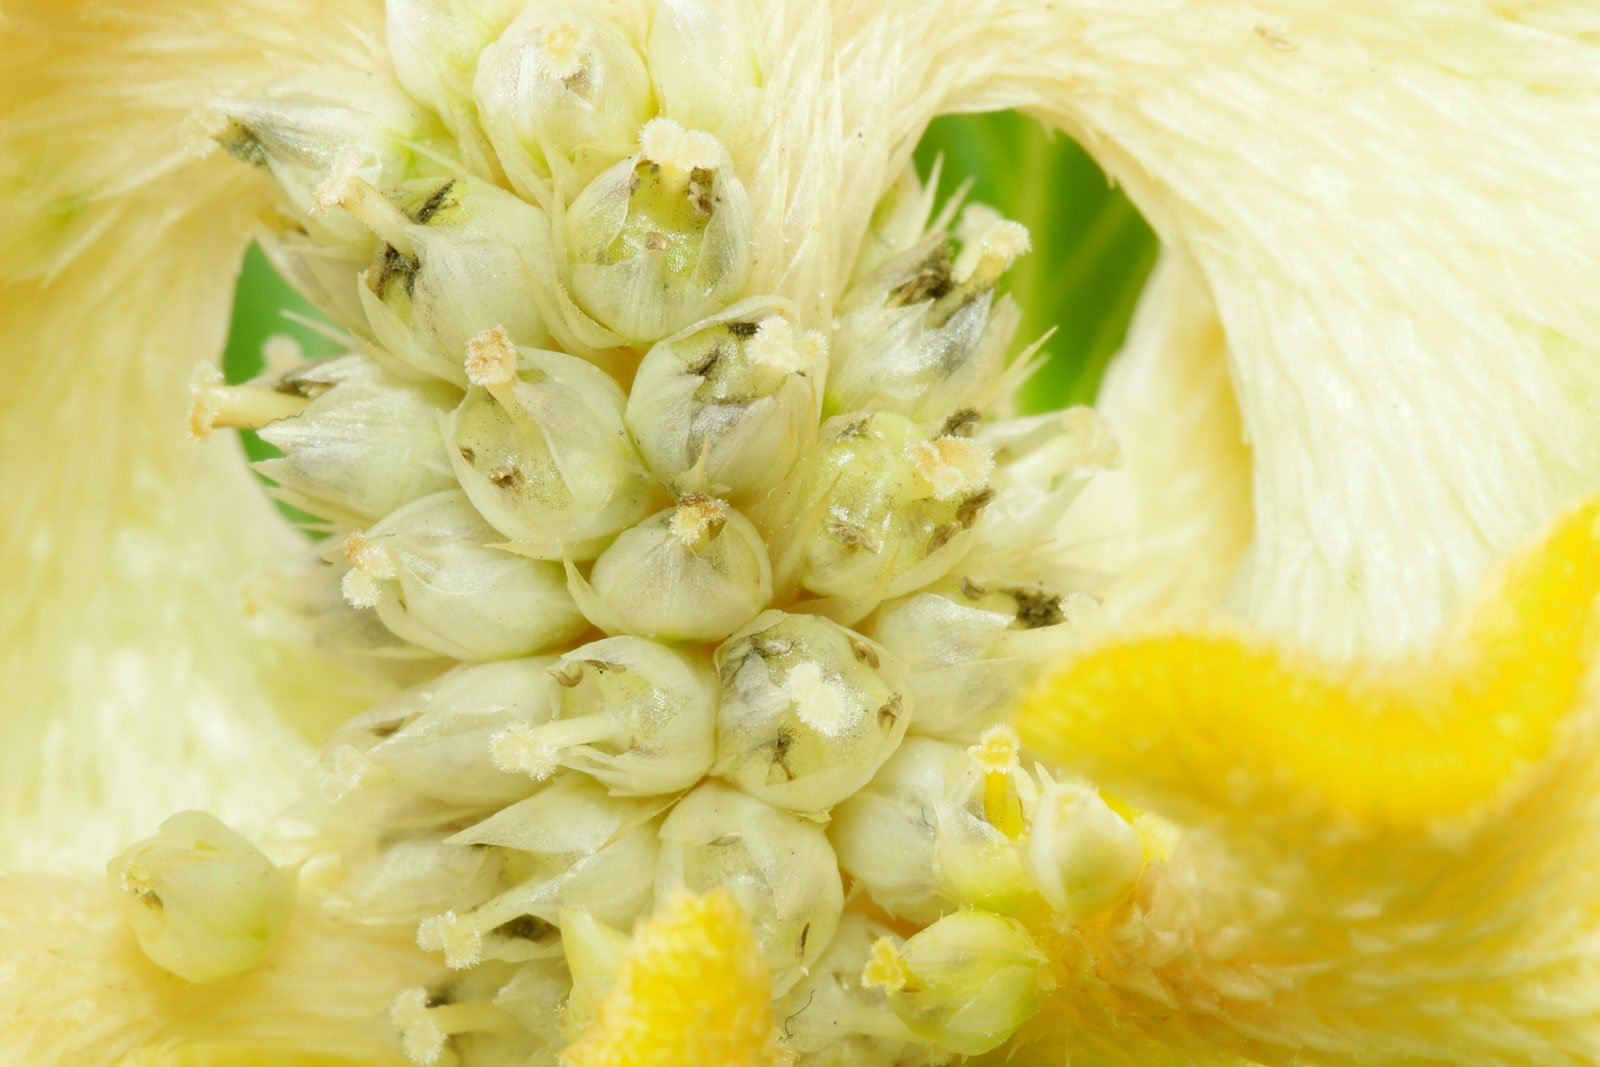 Celosia argentea Cristata